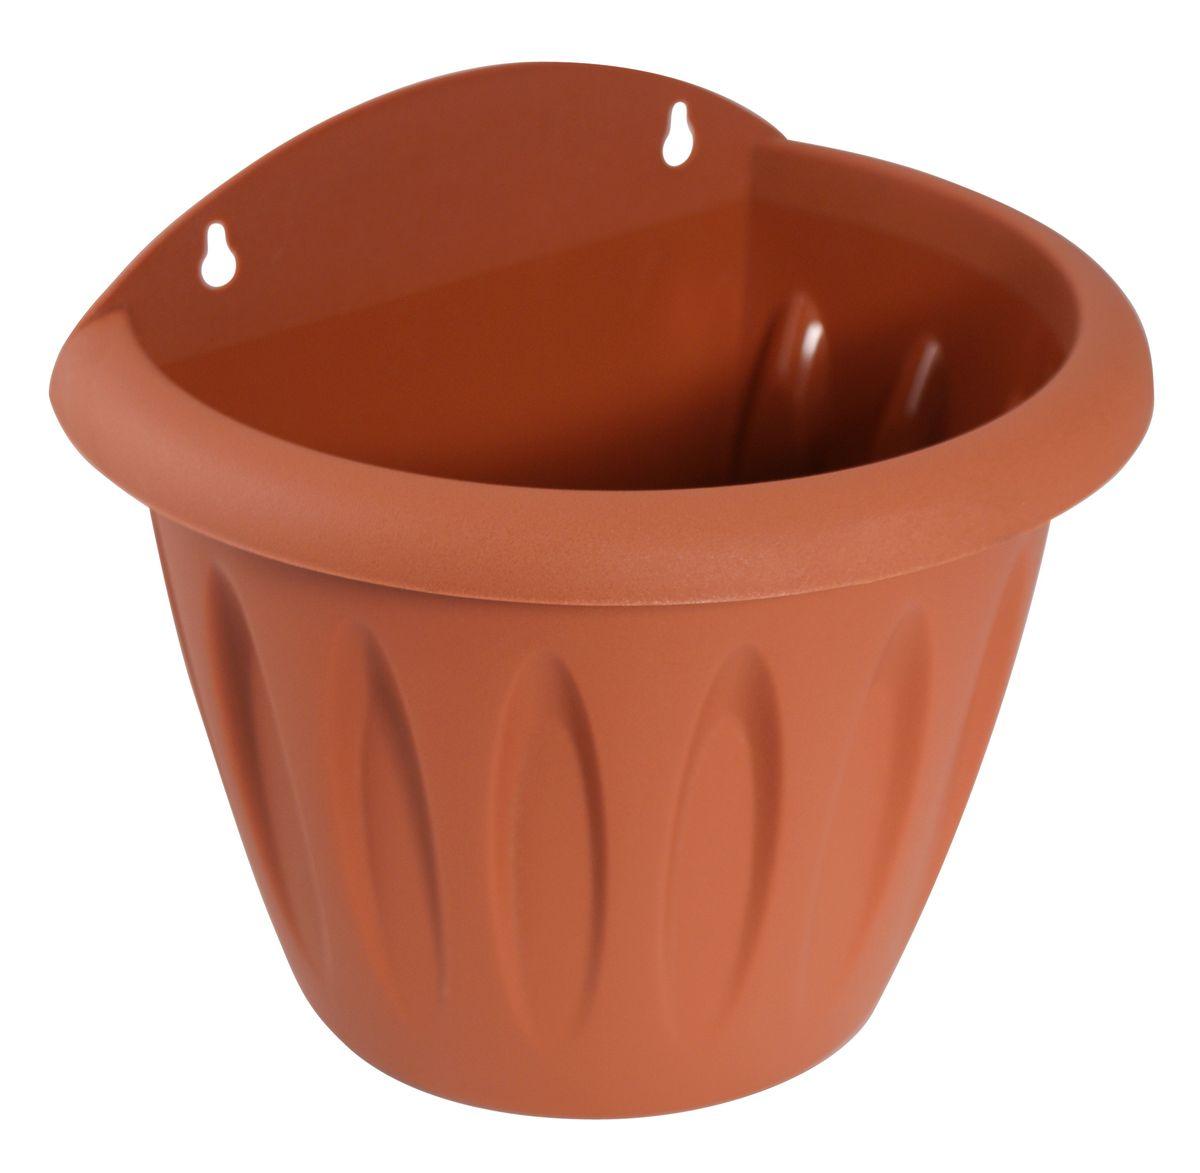 Кашпо настенное Martika Фелиция, цвет: терракотовый, 20 х 14,6 х 17,3 смMRC121TЛюбой, даже самый современный и продуманный интерьер будет не завершенным без растений. Они не только очищают воздух и насыщают его кислородом, но и заметно украшают окружающее пространство. Такому полезному члену семьи просто необходимо красивое и функциональное кашпо, оригинальный горшок или необычная ваза! Мы предлагаем - Кашпо настенное d=20 см Фелиция, цвет терракот! Оптимальный выбор материала - это пластмасса! Почему мы так считаем? Малый вес. С легкостью переносите горшки и кашпо с места на место, ставьте их на столики или полки, подвешивайте под потолок, не беспокоясь о нагрузке. Простота ухода. Пластиковые изделия не нуждаются в специальных условиях хранения. Их легко чистить достаточно просто сполоснуть теплой водой. Никаких царапин. Пластиковые кашпо не царапают и не загрязняют поверхности, на которых стоят. Пластик дольше хранит влагу, а значит растение реже нуждается в поливе. Пластмасса не пропускает воздух корневой системе растения не грозят резкие перепады температур. Огромный выбор форм, декора и расцветок вы без труда подберете что-то, что идеально впишется в уже существующий интерьер. Соблюдая нехитрые правила ухода, вы можете заметно продлить срок службы горшков, вазонов и кашпо из пластика: всегда учитывайте размер кроны и корневой системы растения (при разрастании большое растение способно повредить маленький горшок) берегите изделие от воздействия прямых солнечных лучей, чтобы кашпо и горшки не выцветали держите кашпо и горшки из пластика подальше от нагревающихся поверхностей. Создавайте прекрасные цветочные композиции, выращивайте рассаду или необычные растения, а низкие цены позволят вам не ограничивать себя в выборе.